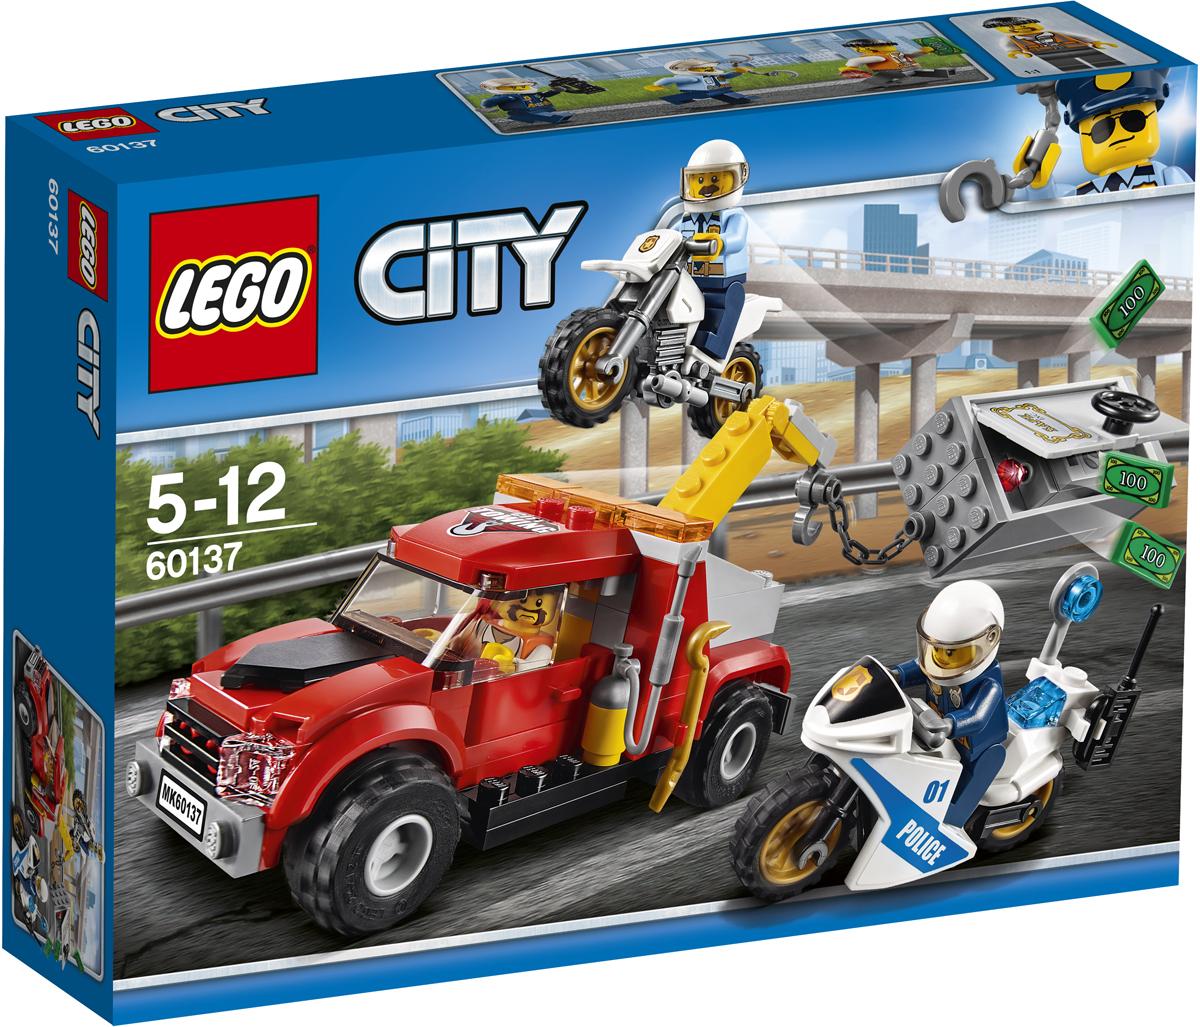 LEGO City Конструктор Побег на буксировщике 6013760137Помогите офицерам на мотоциклах составить план поимки воришек! Прыгайте в седло мотоцикла-внедорожника или гоночного мотоцикла и гоните за буксировщиком. Верните сейф, произведите молниеносный арест и отправьте воришку в тюрьму. Еще один захватывающий рабочий день в полиции LEGO City. Набор включает в себя 144 разноцветных пластиковых элемента. Конструктор - это один из самых увлекательных и веселых способов времяпрепровождения. Ребенок сможет часами играть с конструктором, придумывая различные ситуации и истории.